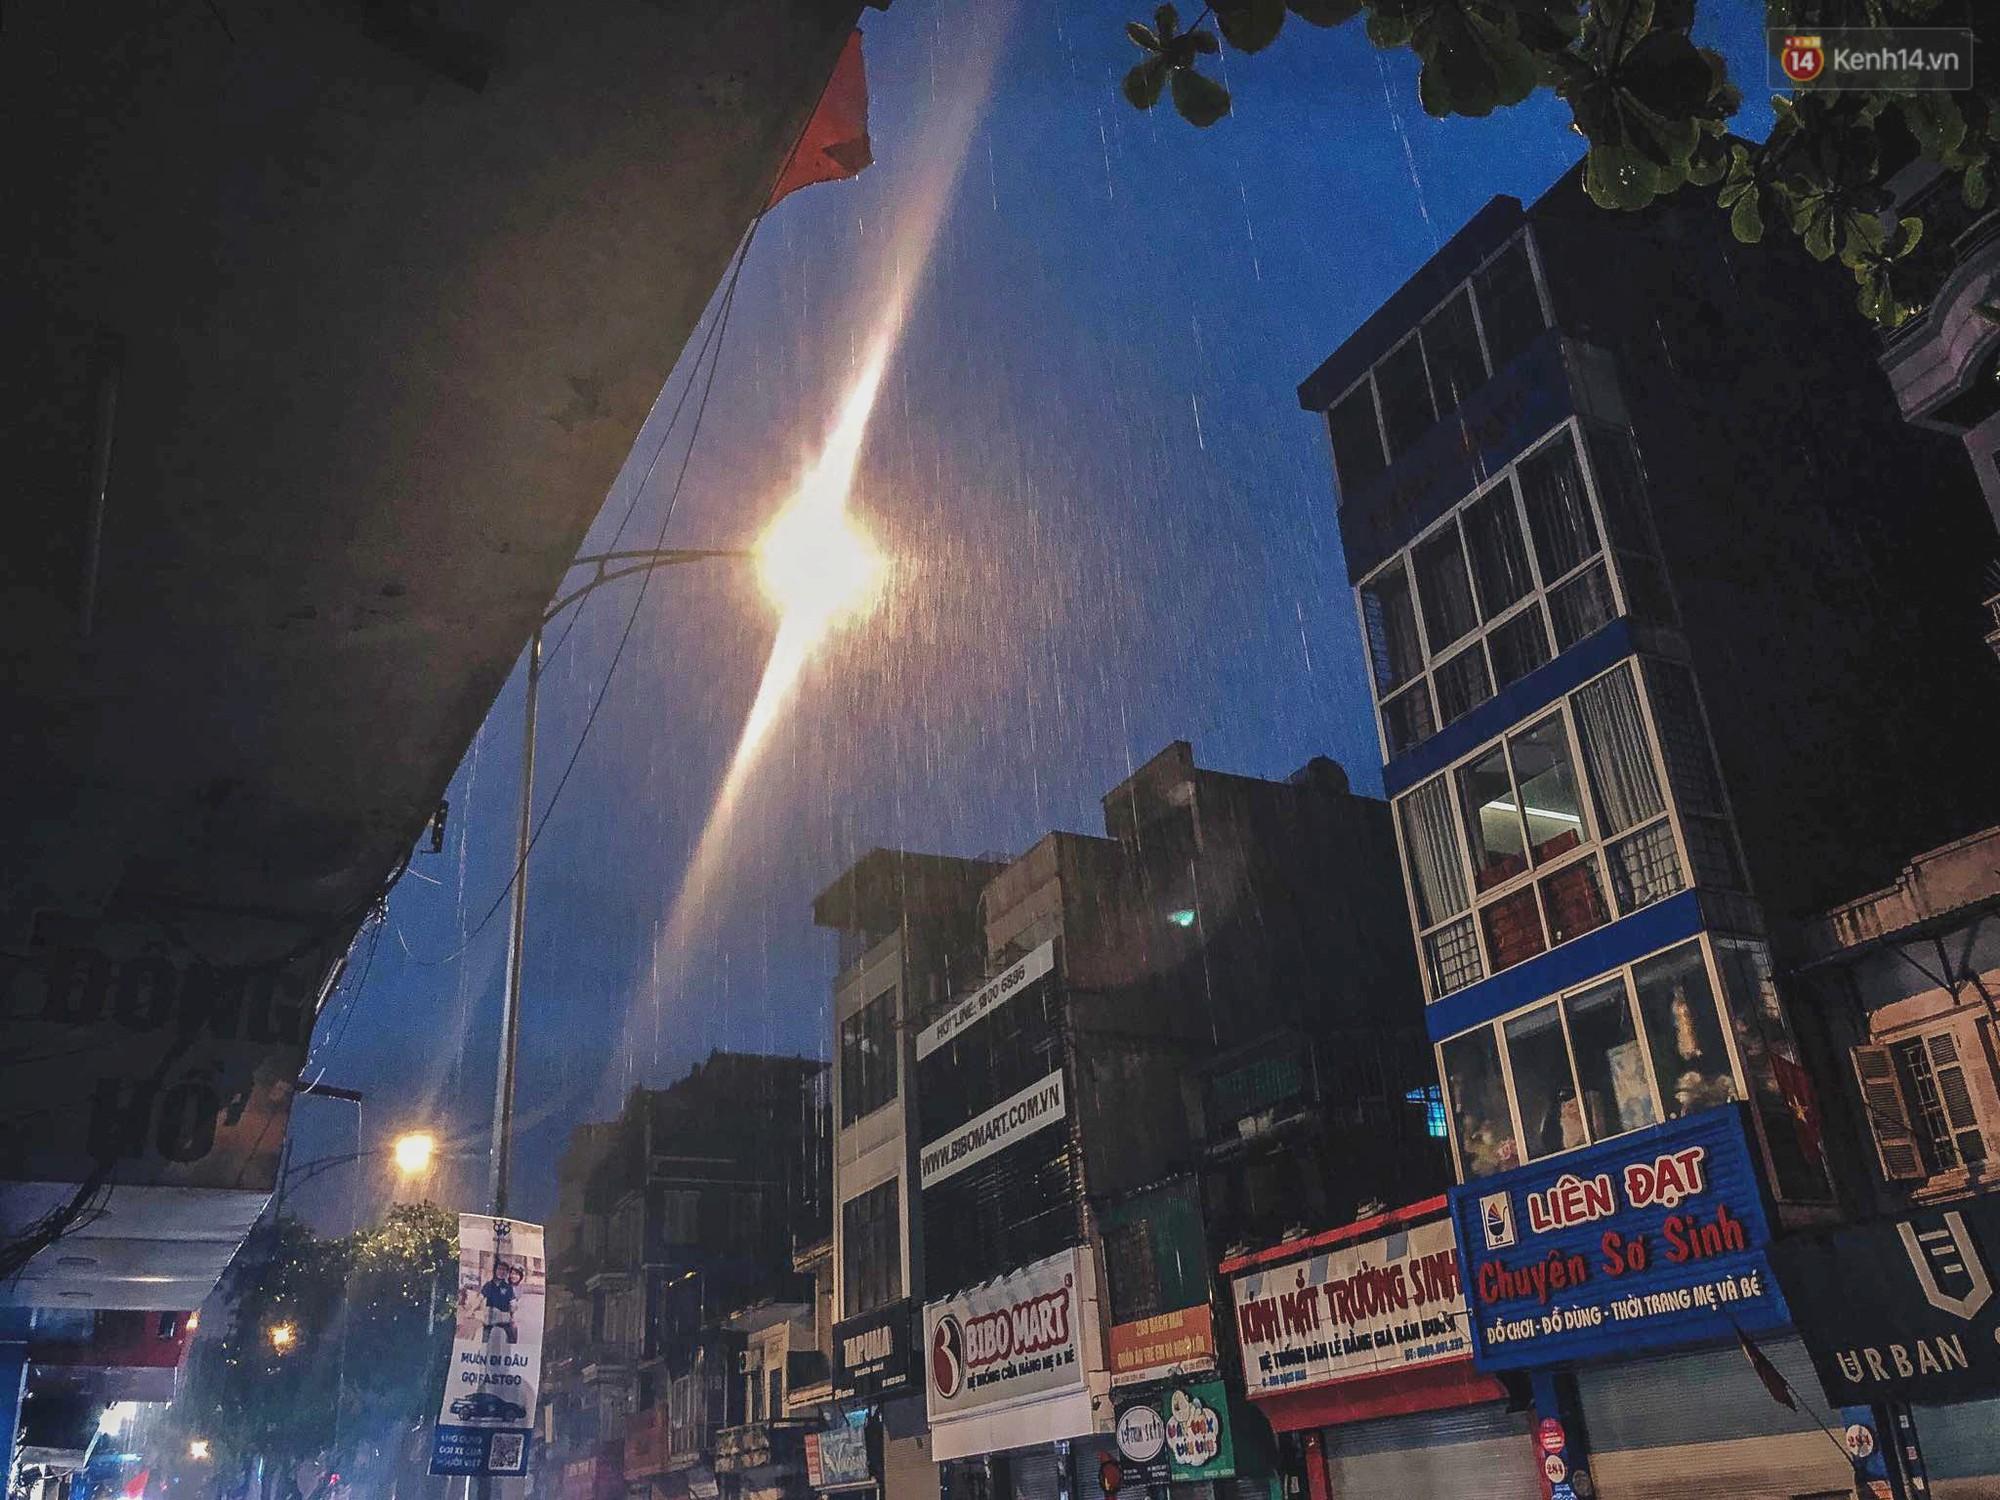 Hà Nội đón trận mưa lớn bất ngờ sau chuỗi ngày oi bức đến ngộp thở, một số tuyến đường bắt đầu ngập úng - Ảnh 4.